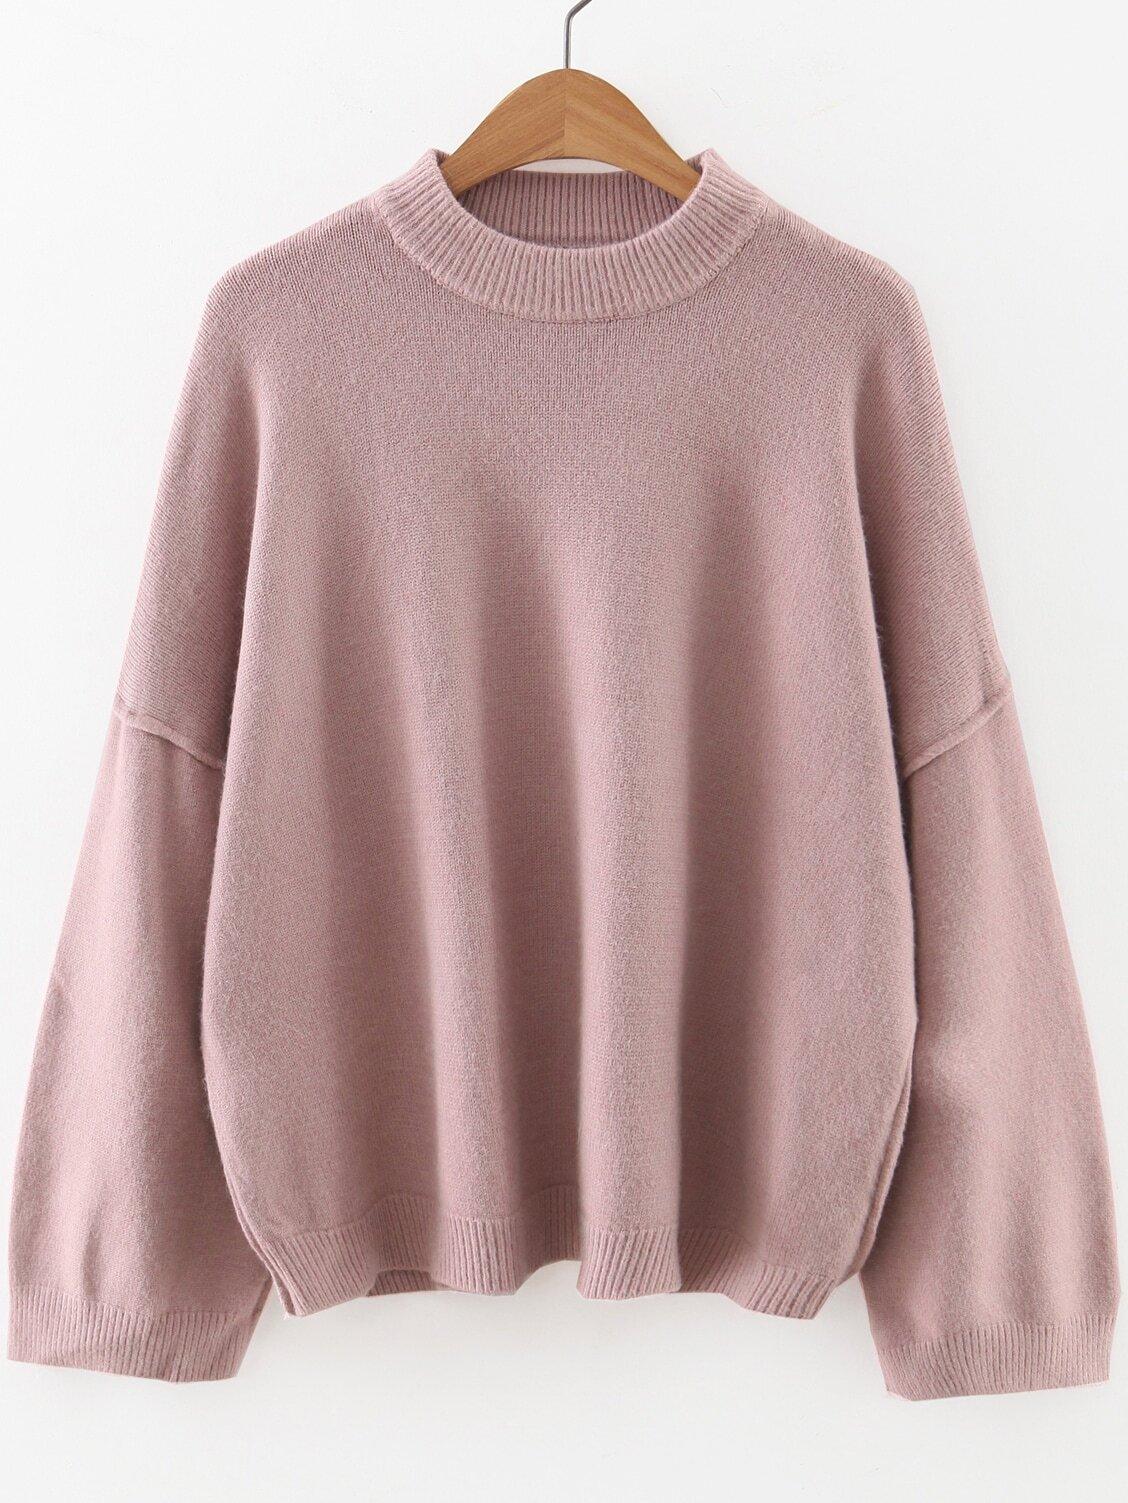 Pink Crew Neck Drop Shoulder Sweater sweater160923205